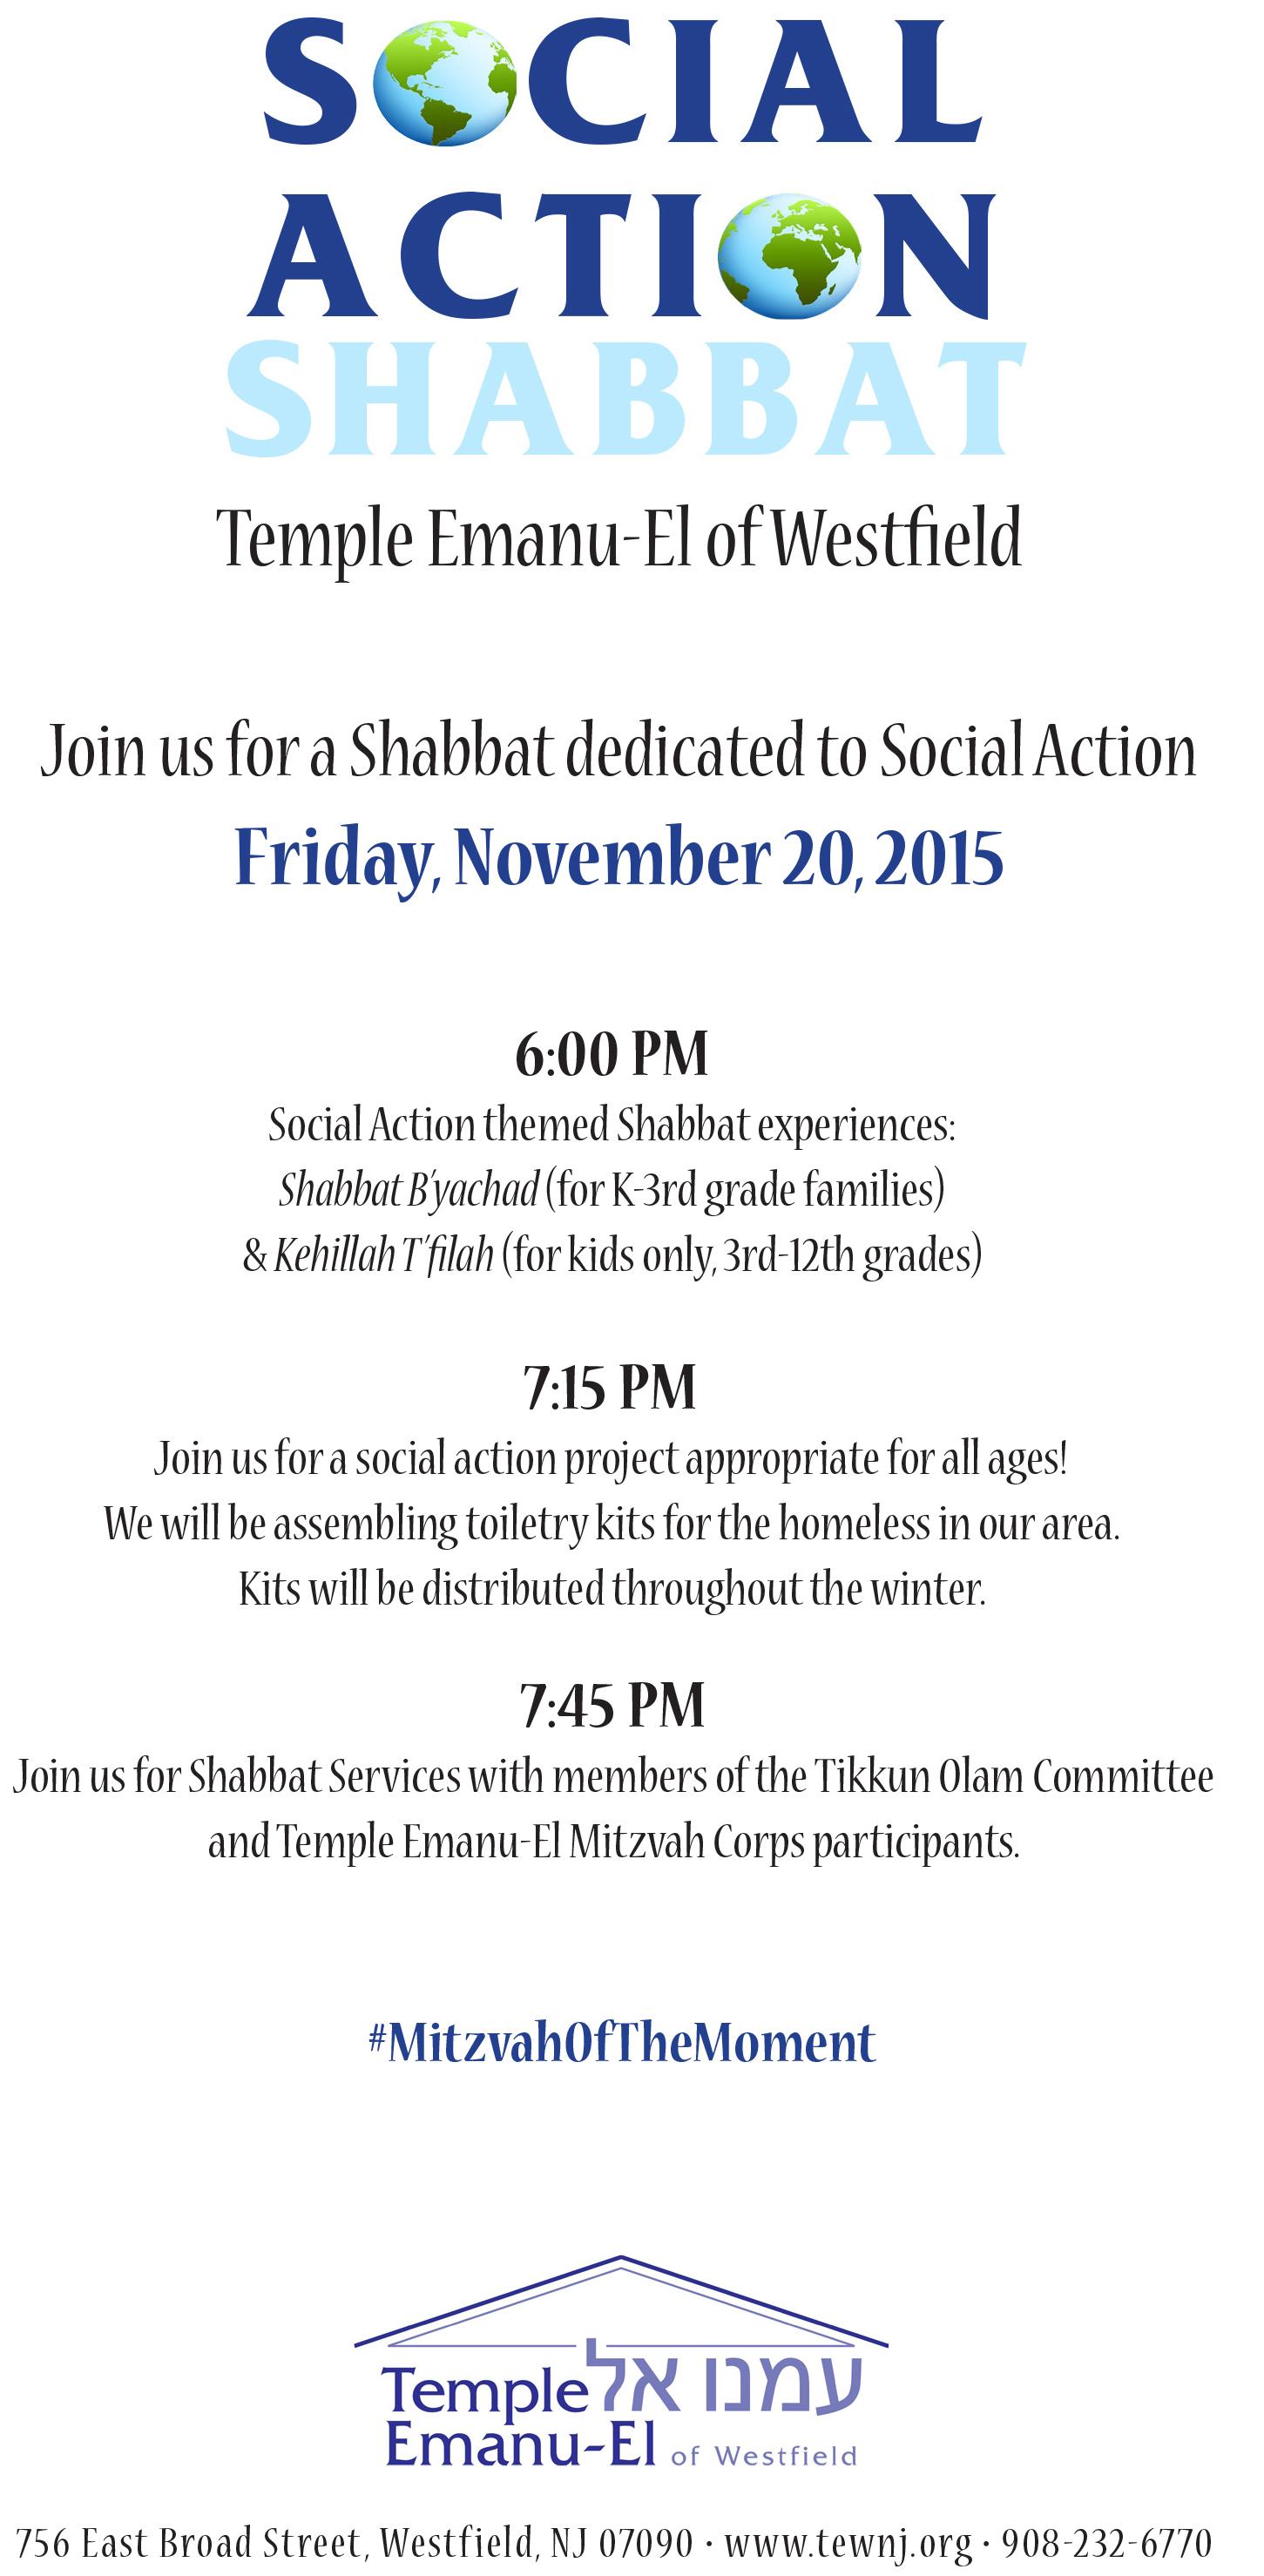 social action shabbat Nov 2015